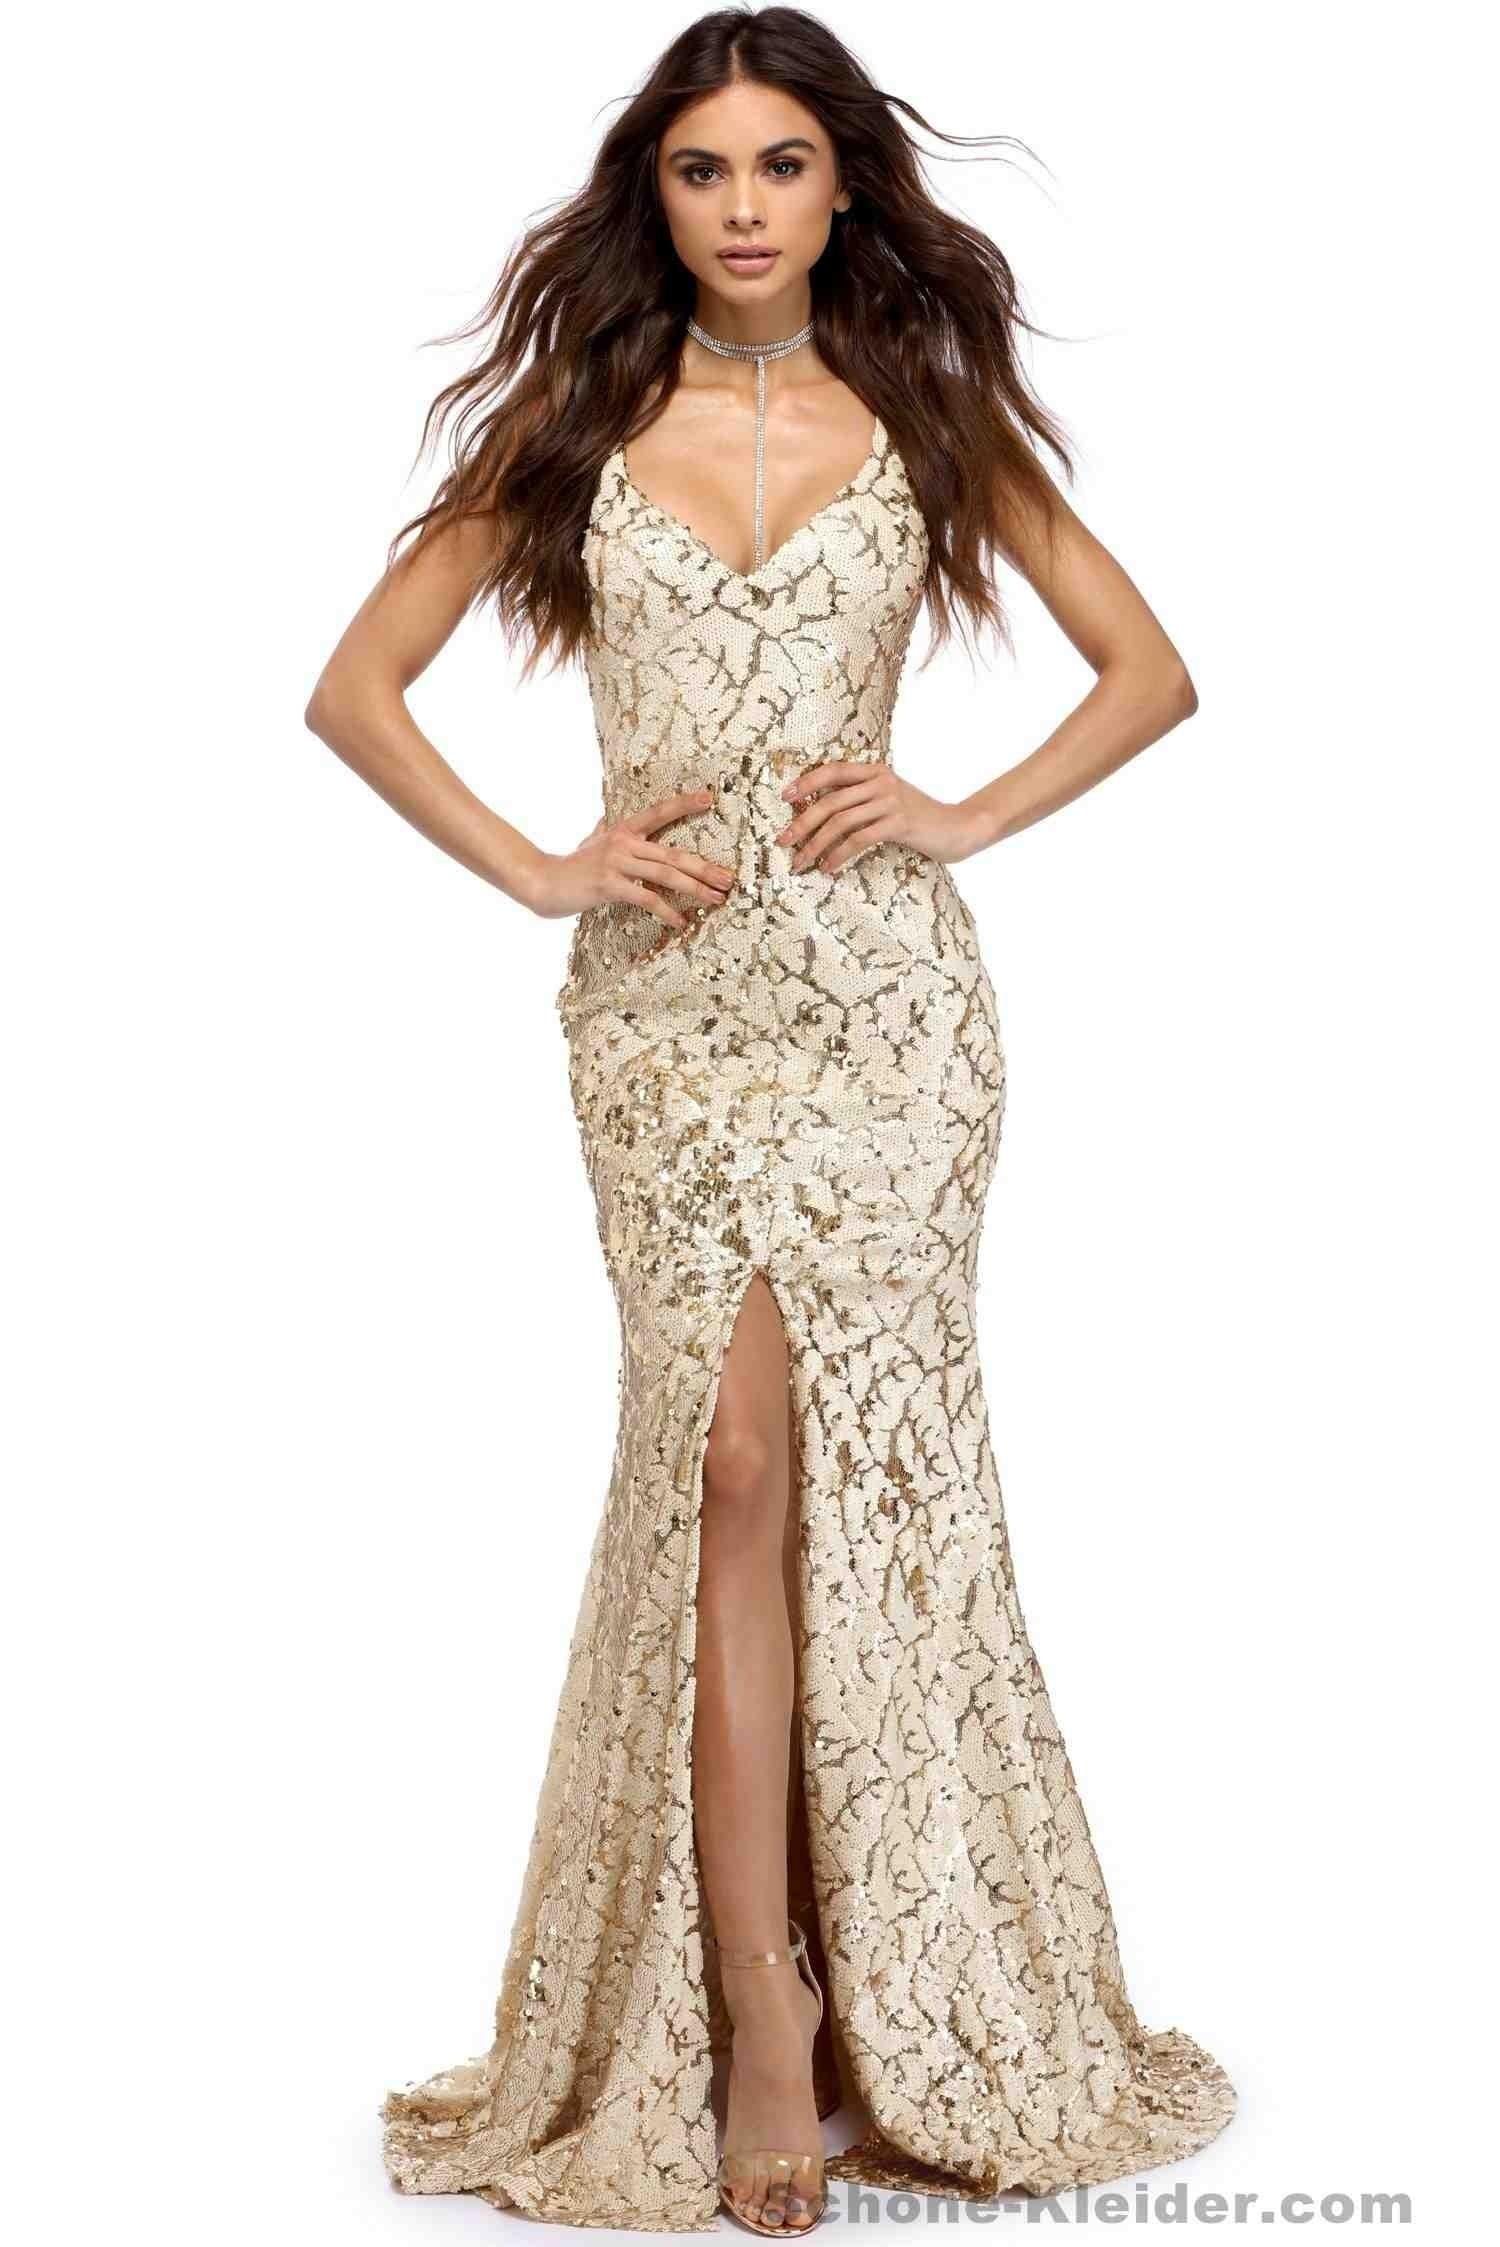 Designer Großartig Elegante Abendkleider Lang VertriebAbend Einfach Elegante Abendkleider Lang Design